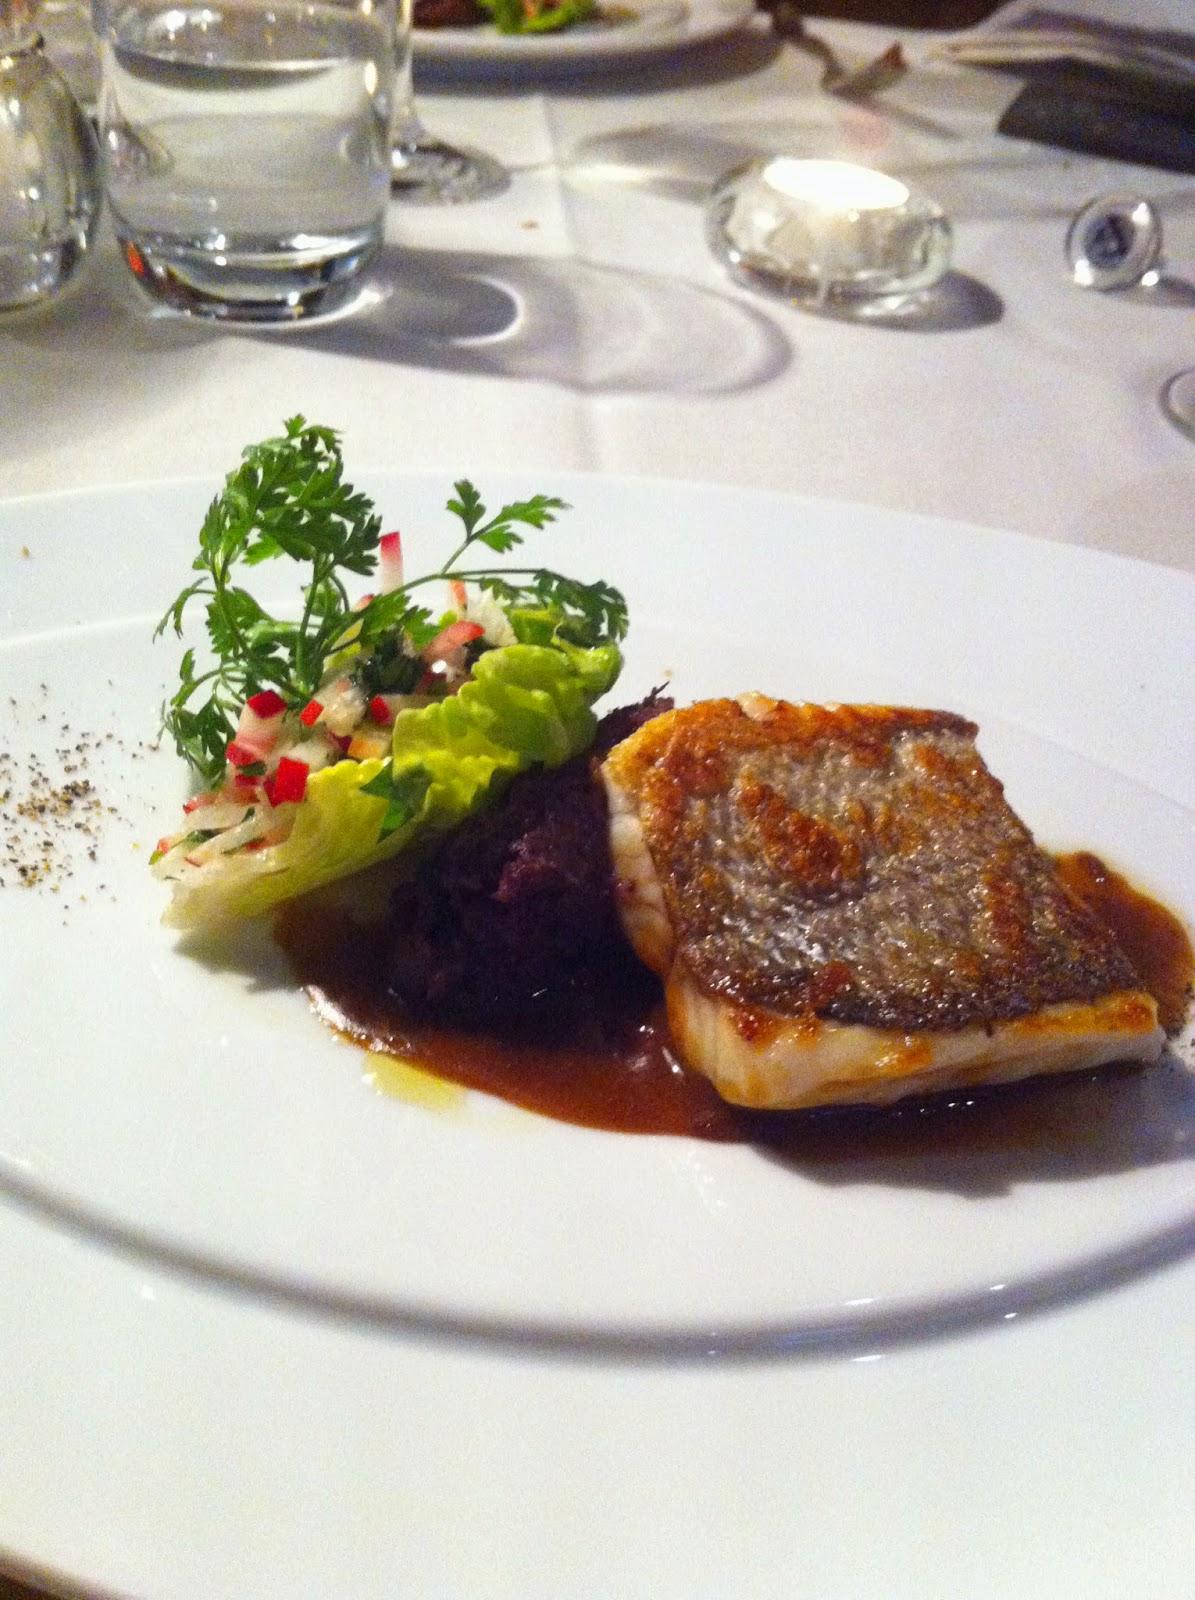 Pierre Weller Hat Viele Inspirationen Aus Seiner Zeit An Der Côte Du0027Azur In  Seine Küche übernommen. So Legt Er Viel Wert Auf Frische Produkte,  Olivenöl, ...